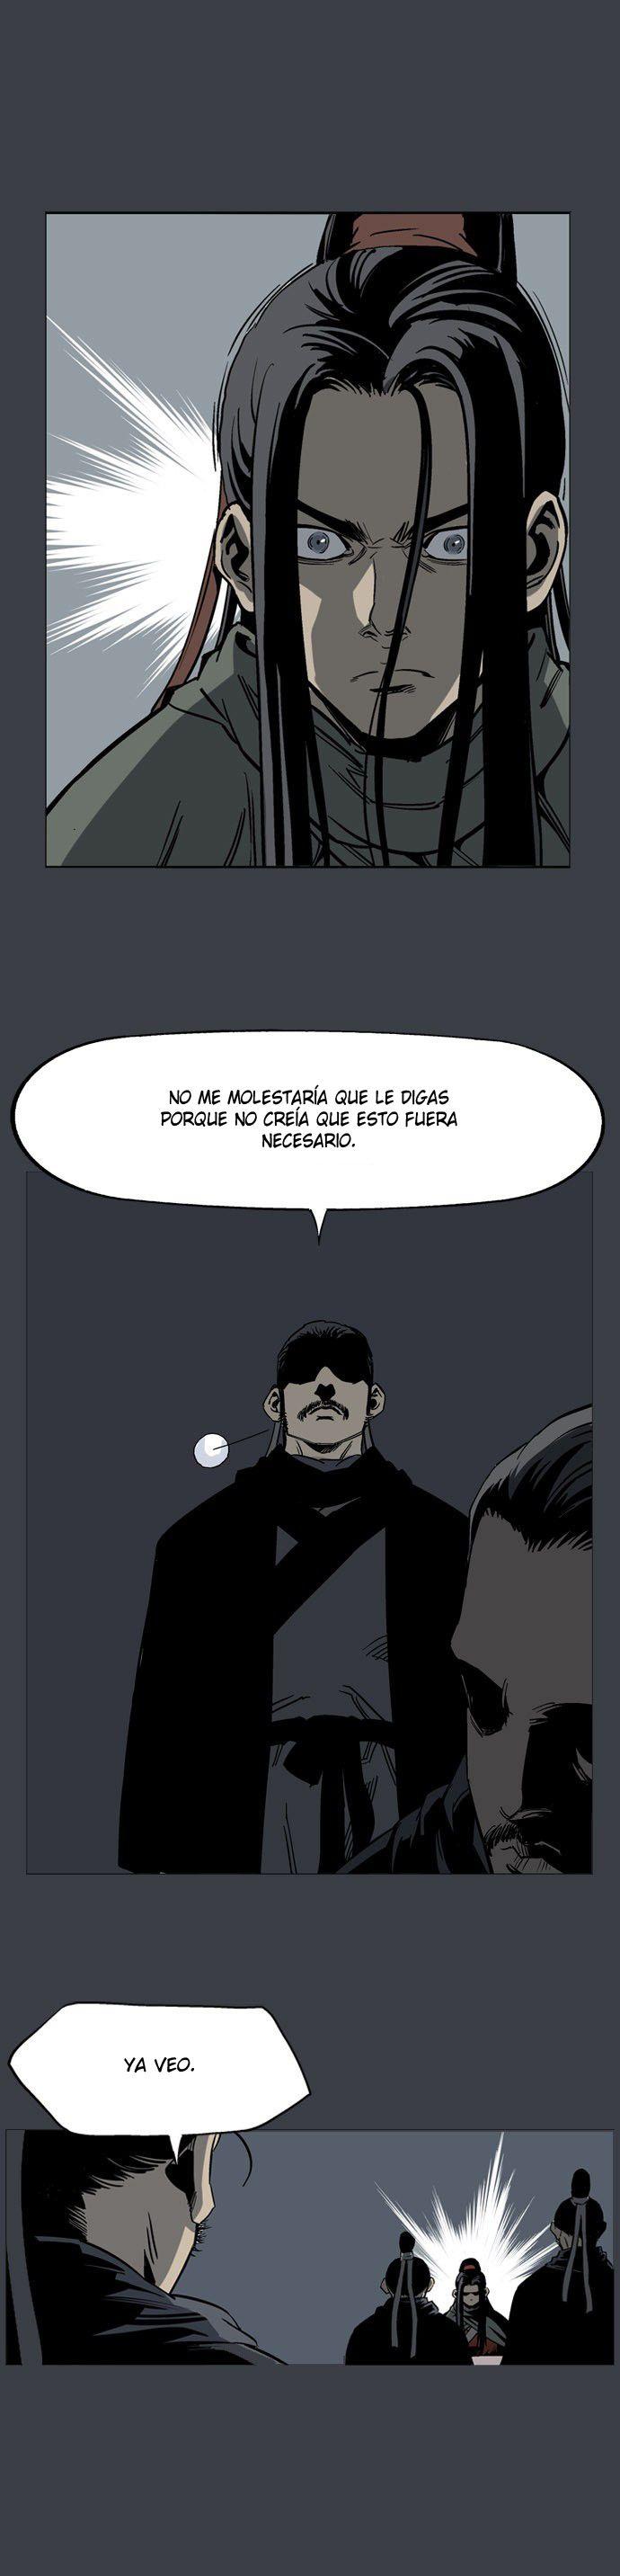 https://c5.ninemanga.com/es_manga/pic2/9/18249/489207/b5099f91211083dec507305e1ef26c58.jpg Page 9